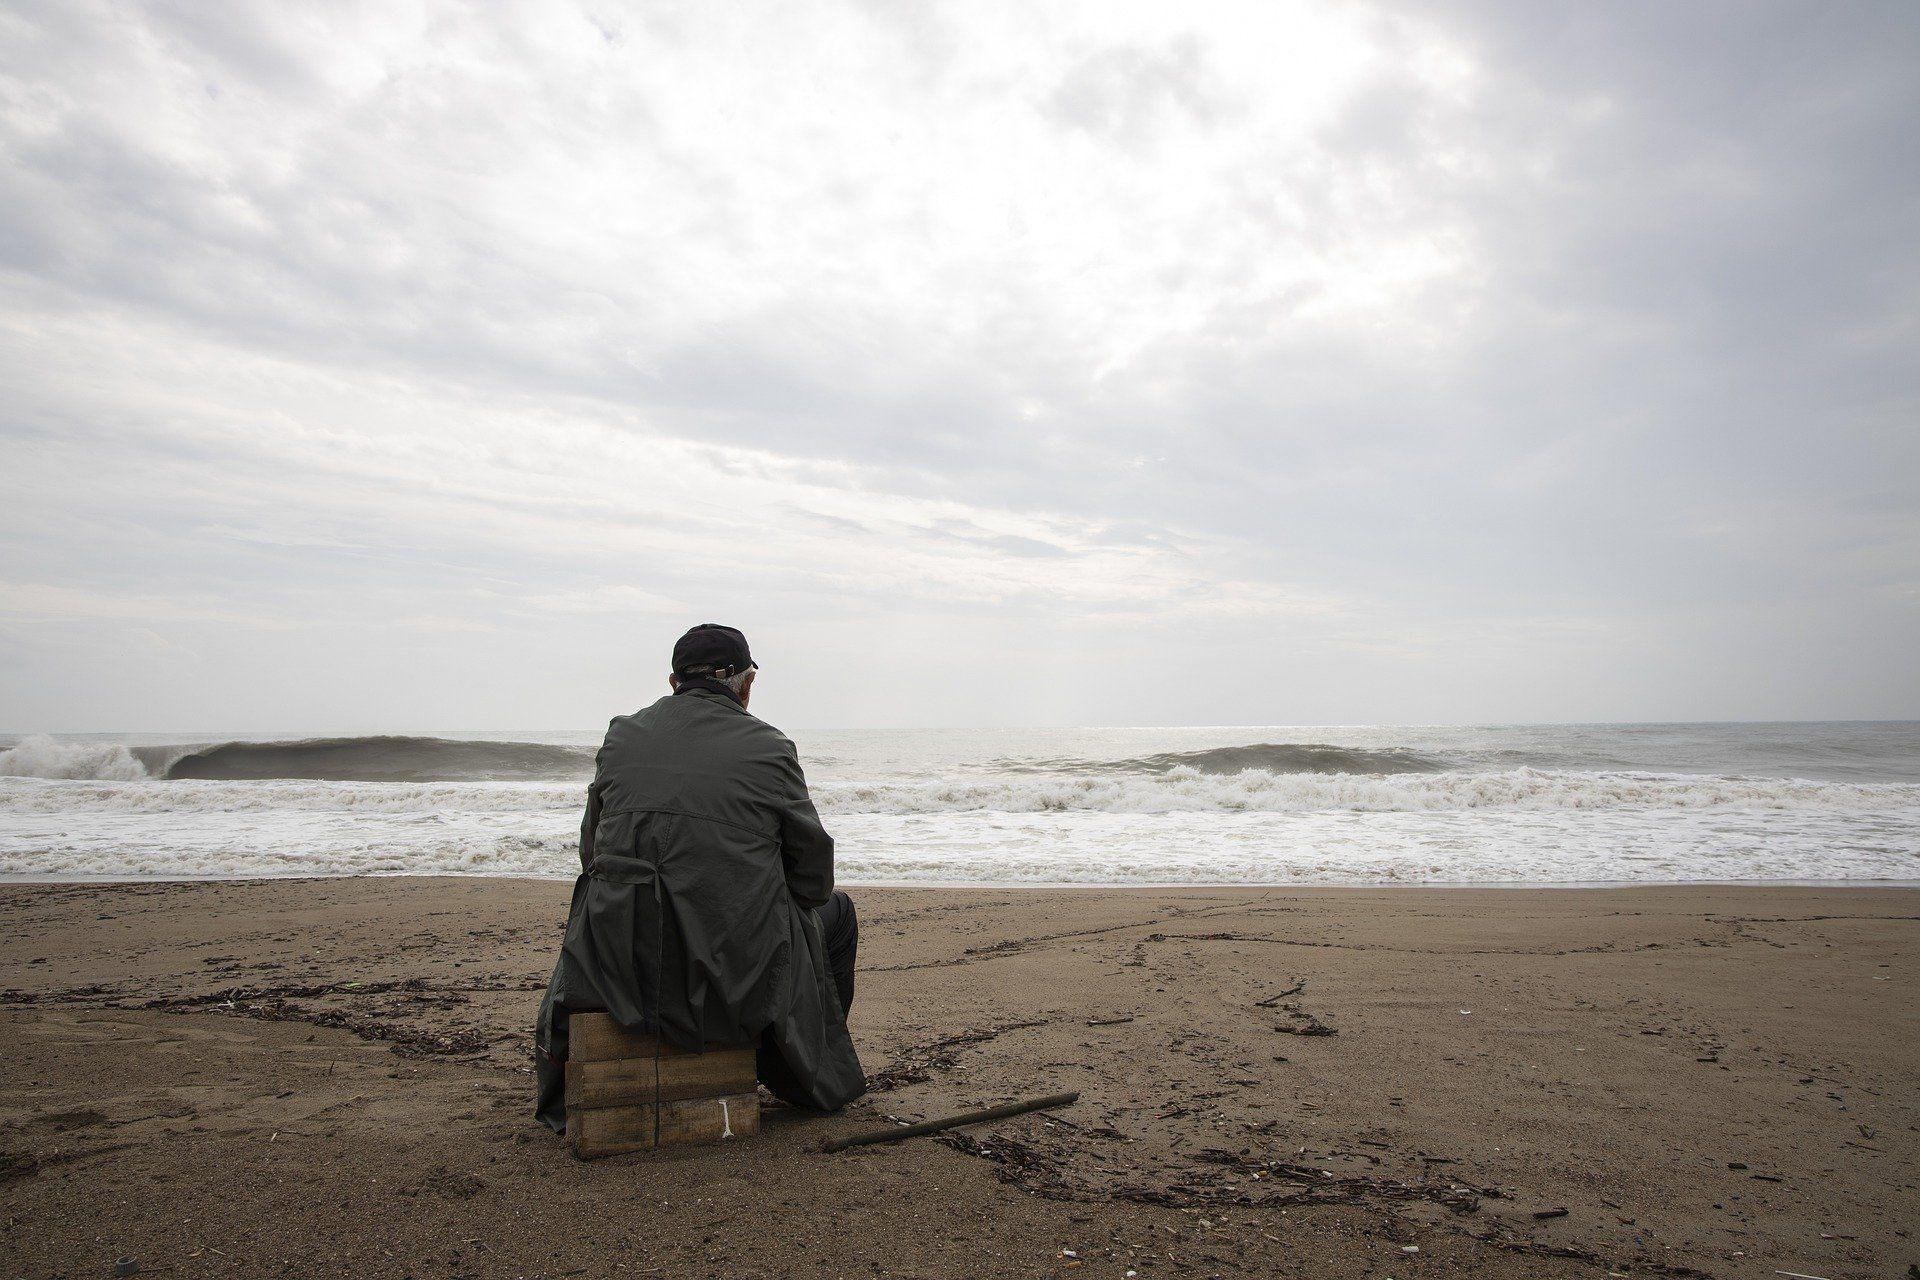 Одиночество еще больше усугубляет стресс